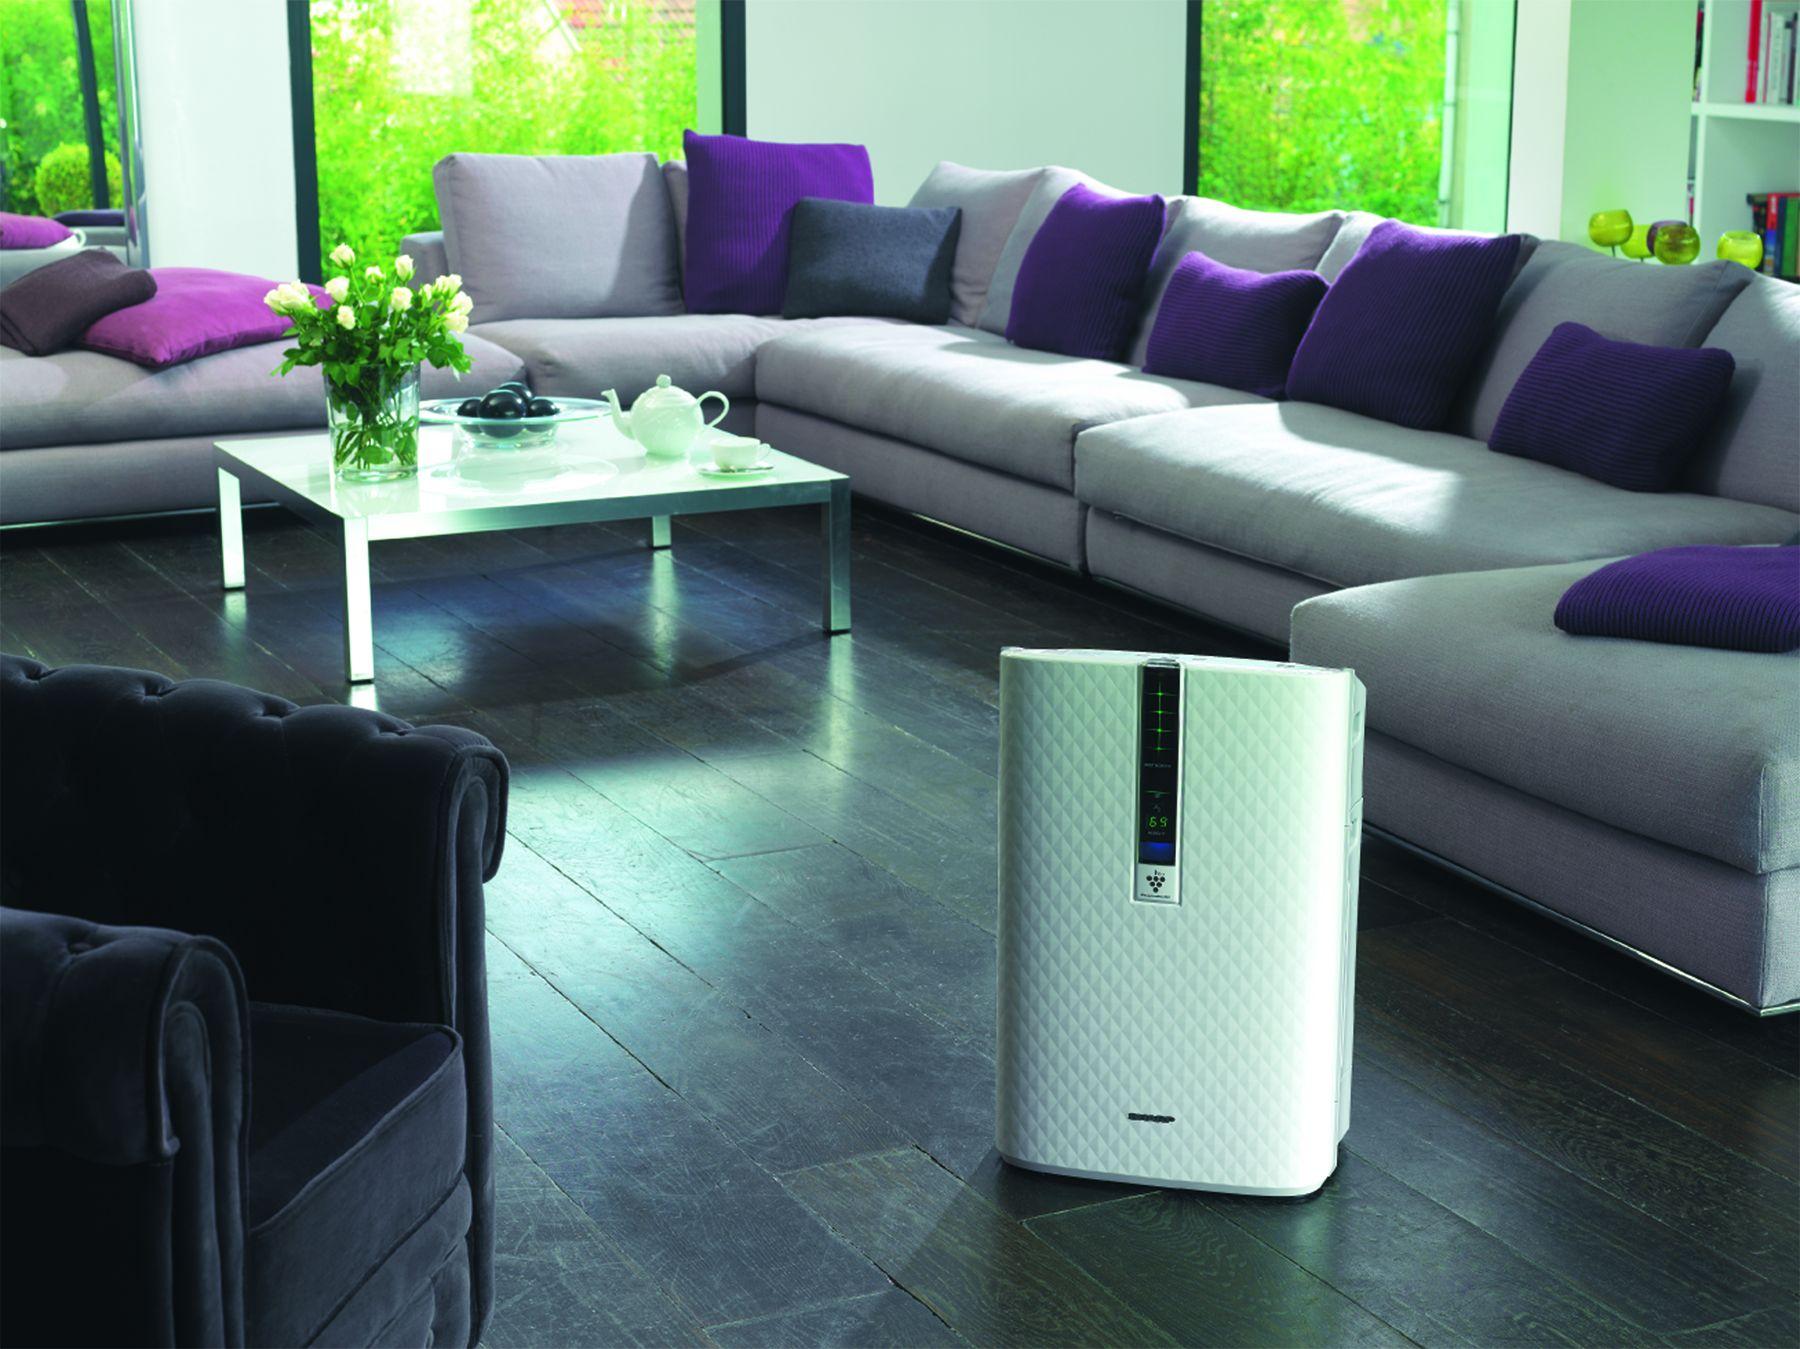 Куда в квартире лучше поставить увлажнитель воздуха?